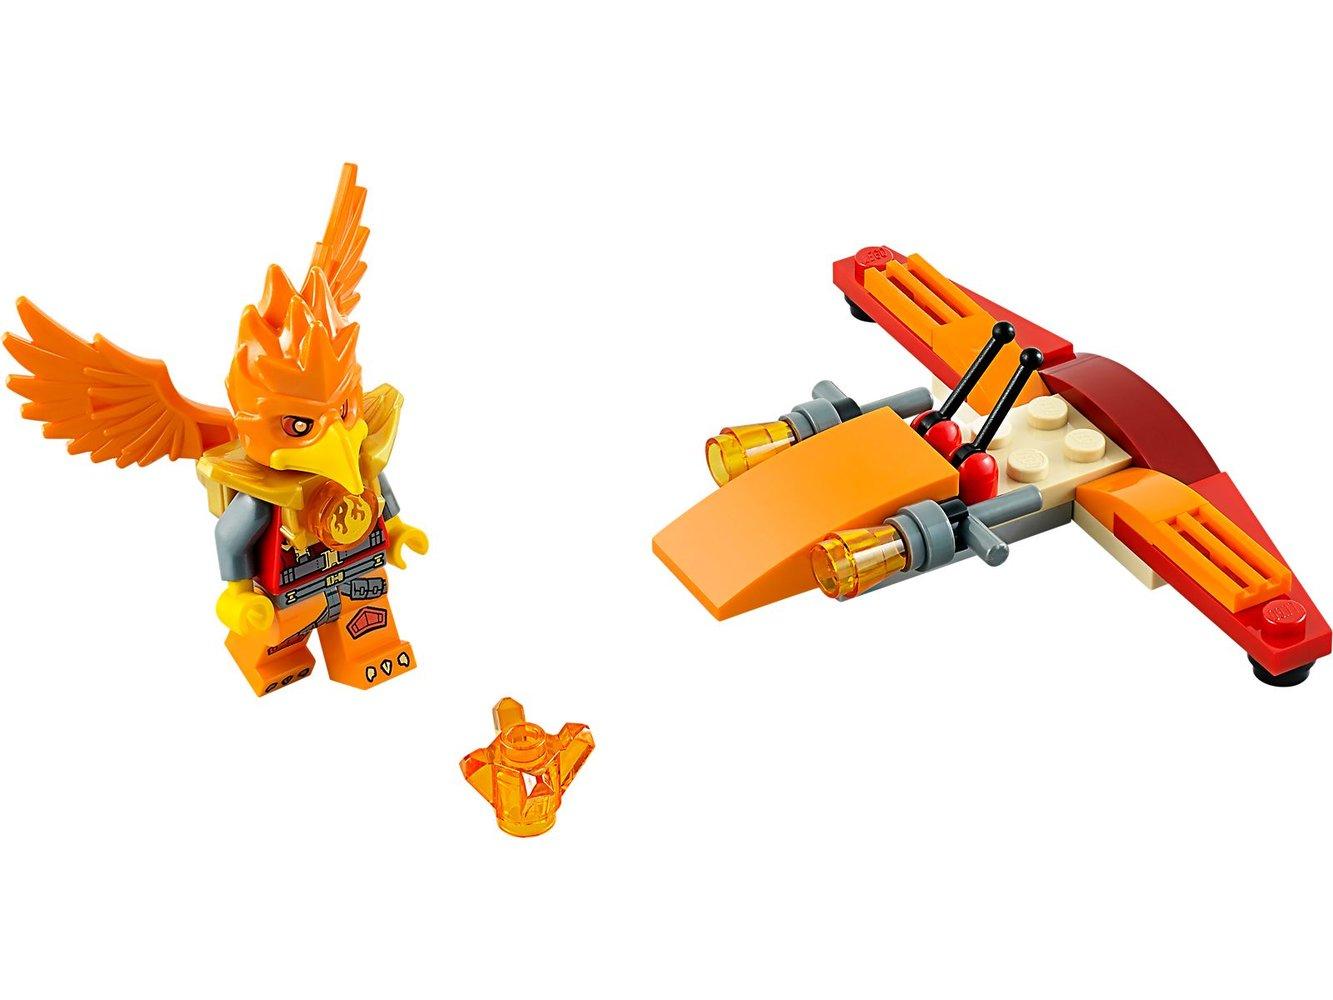 Frax' Phoenix Flyer